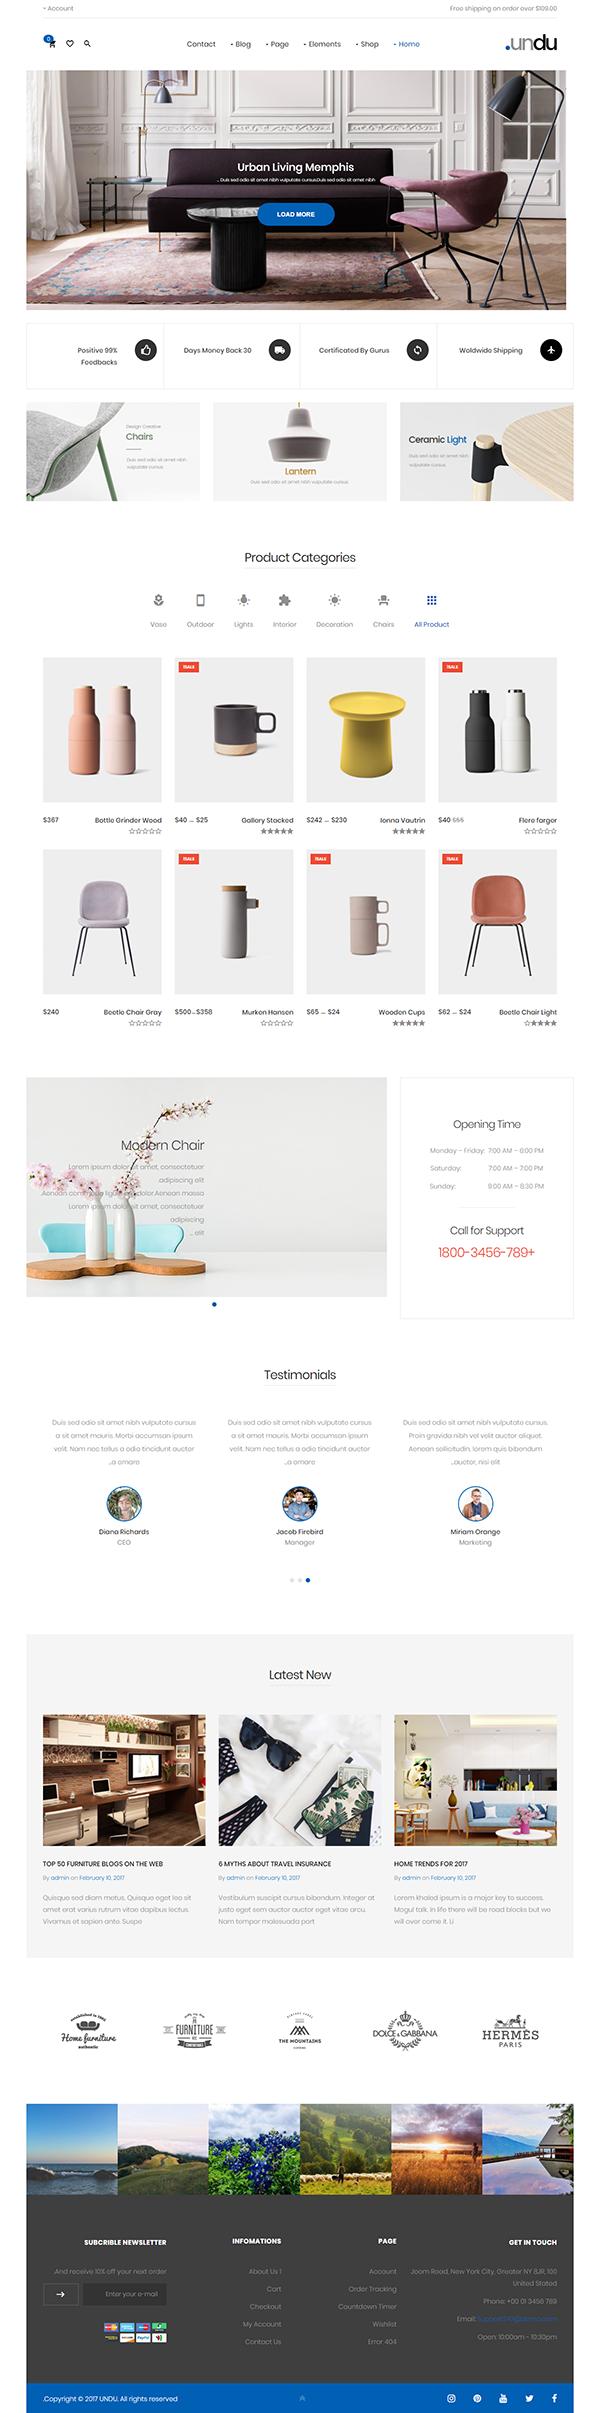 Thiết kế website bán hàng nội thất undu